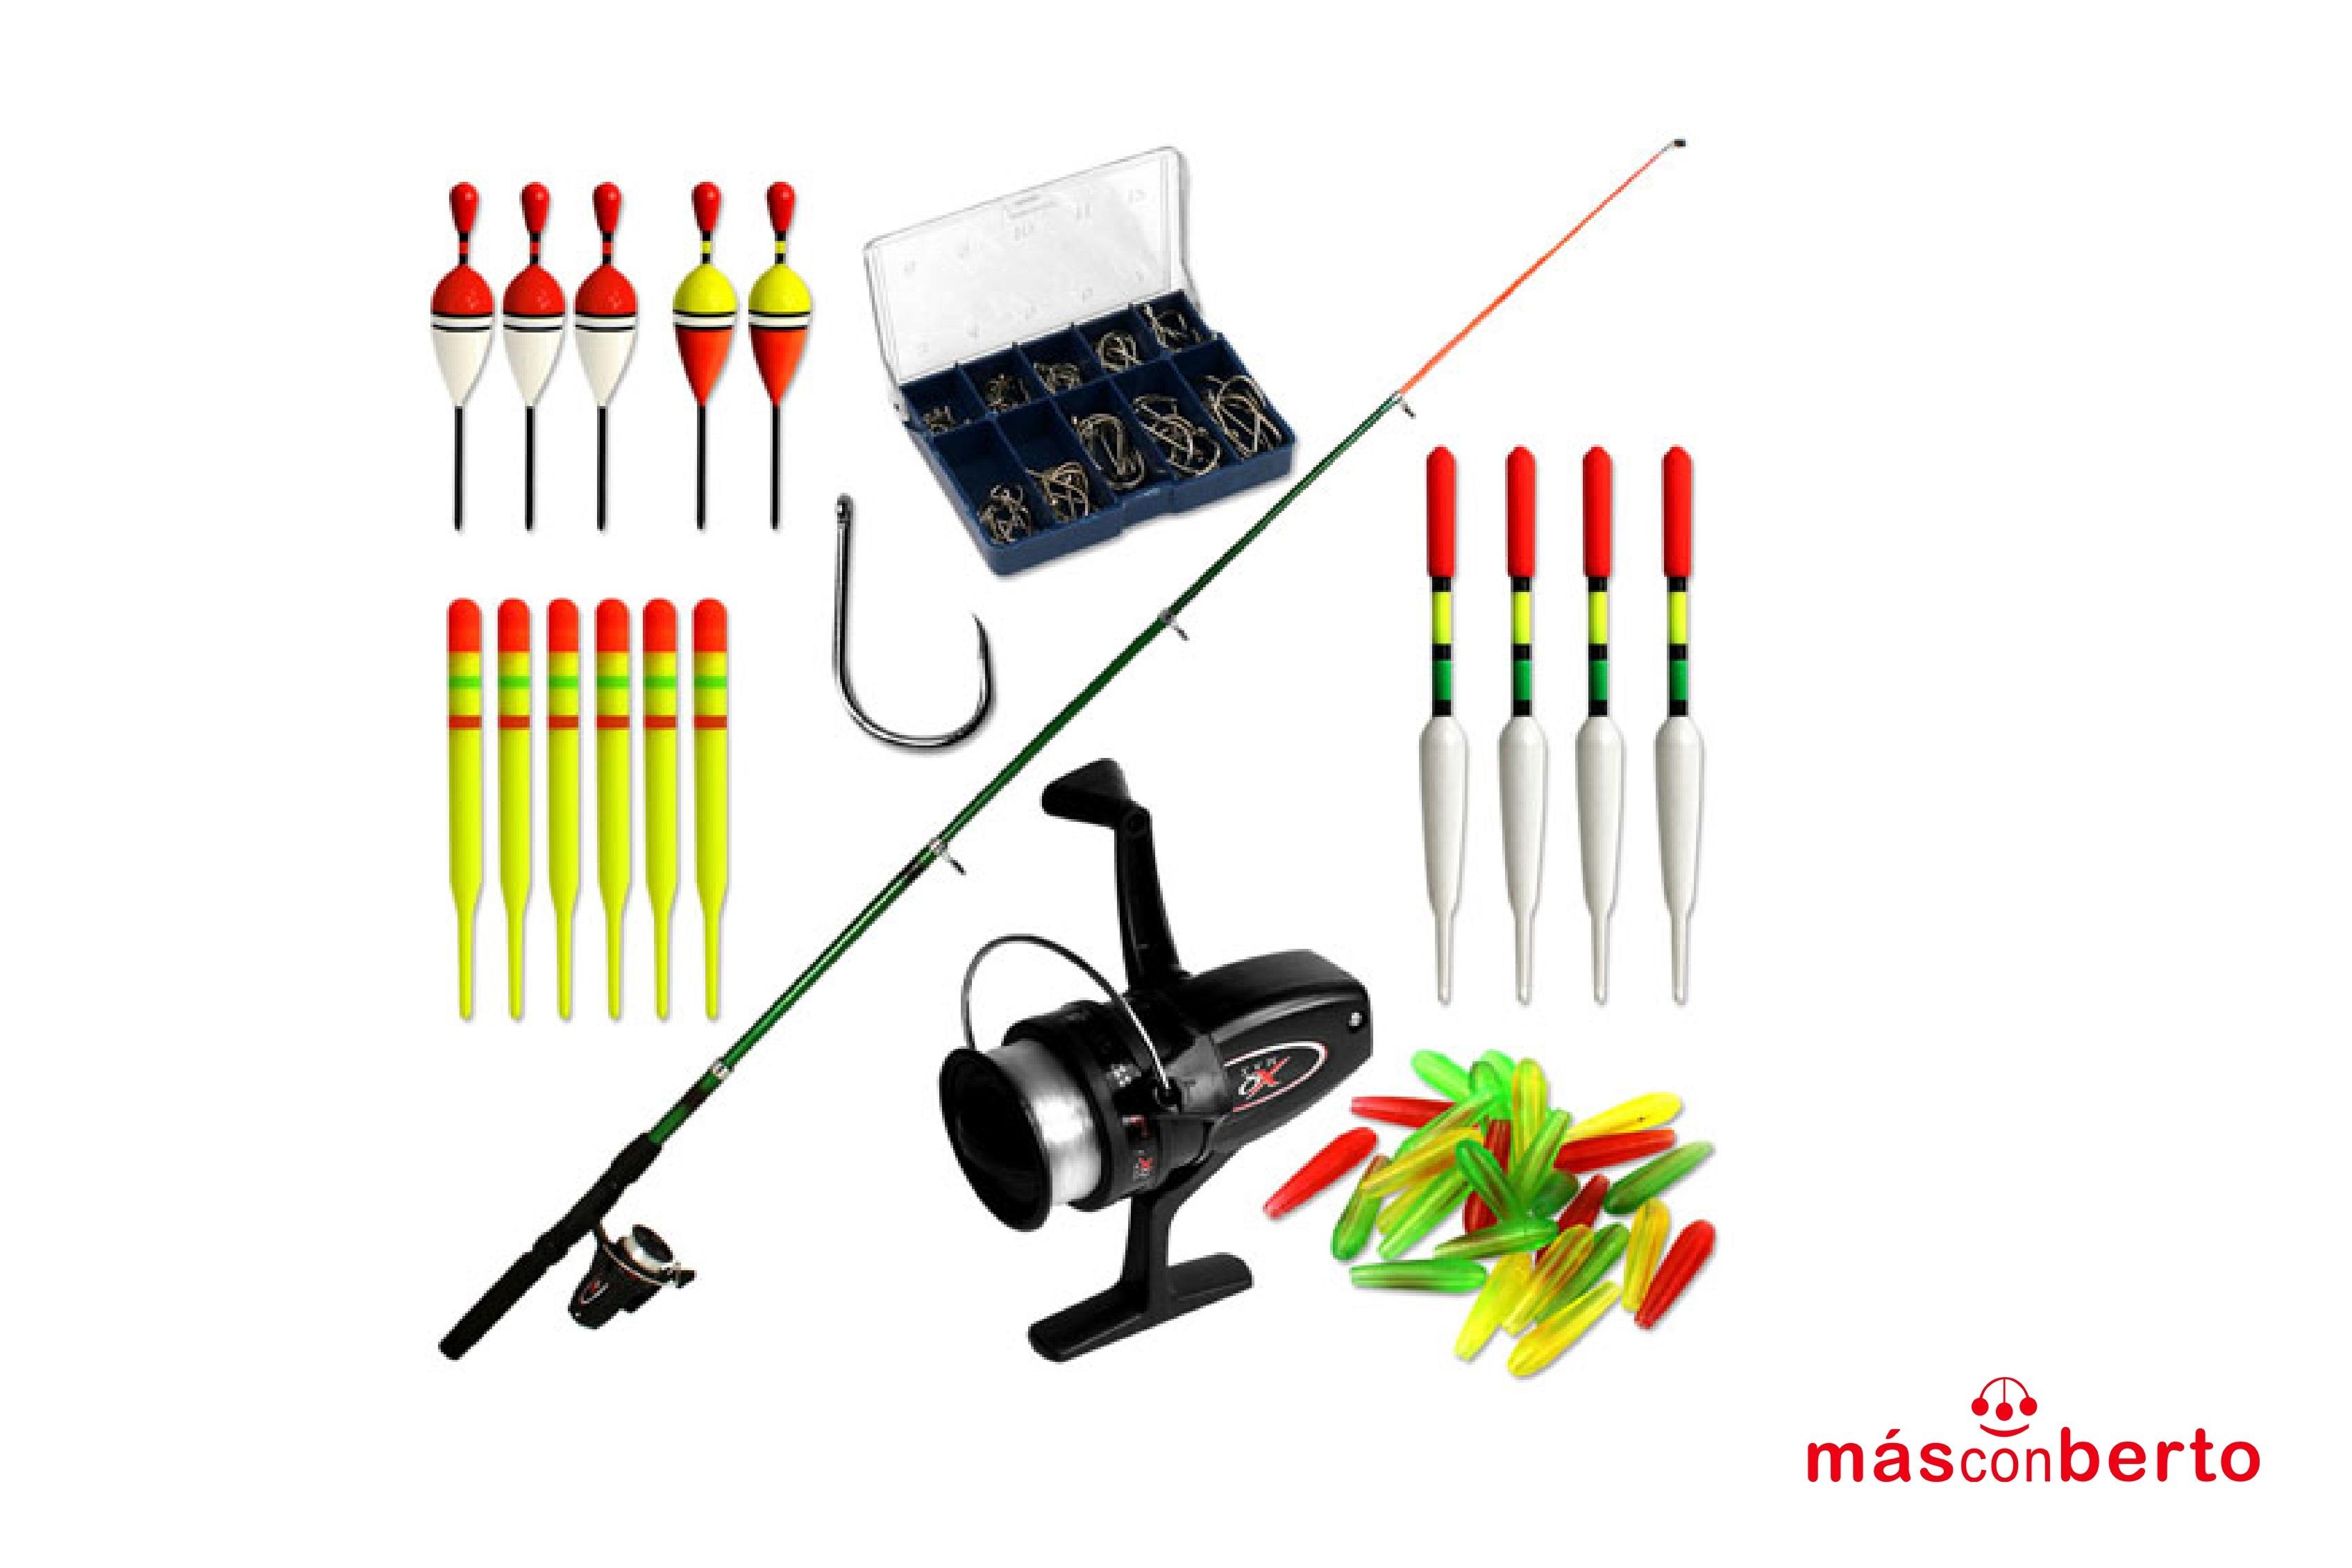 Set de pesca con accesorios